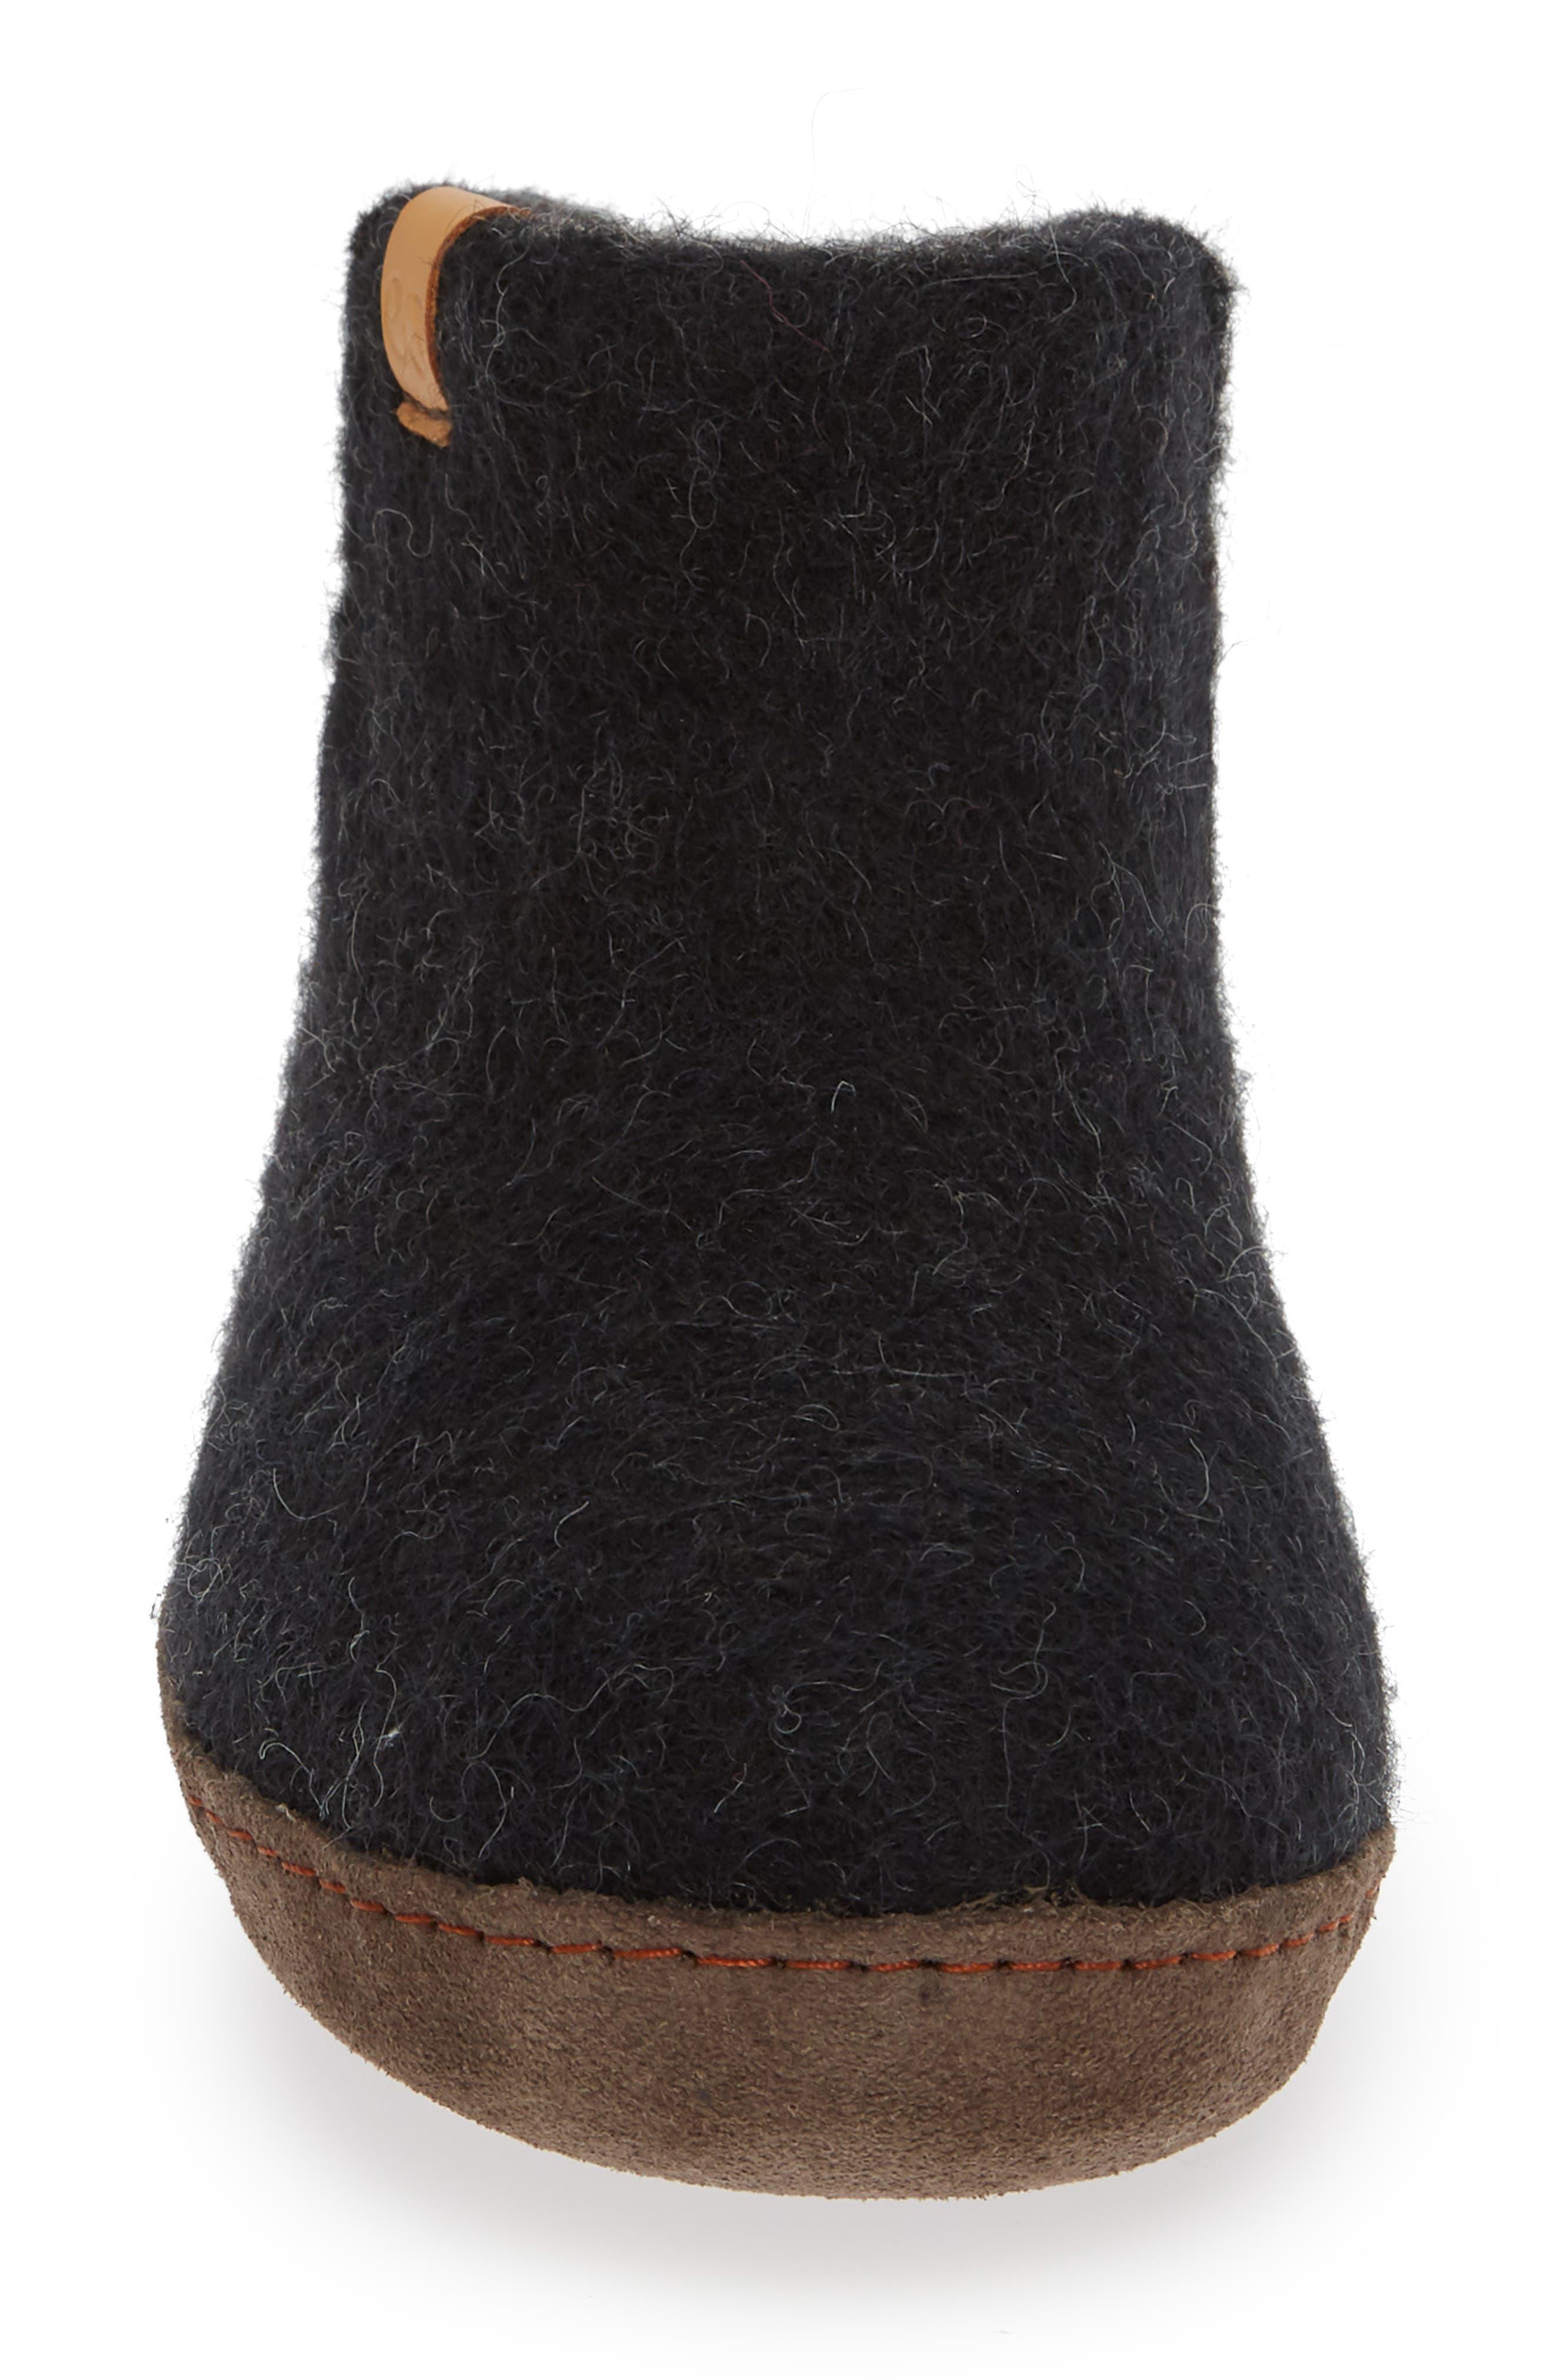 Everest Wool Slipper,                             Alternate thumbnail 4, color,                             BLACK WOOL